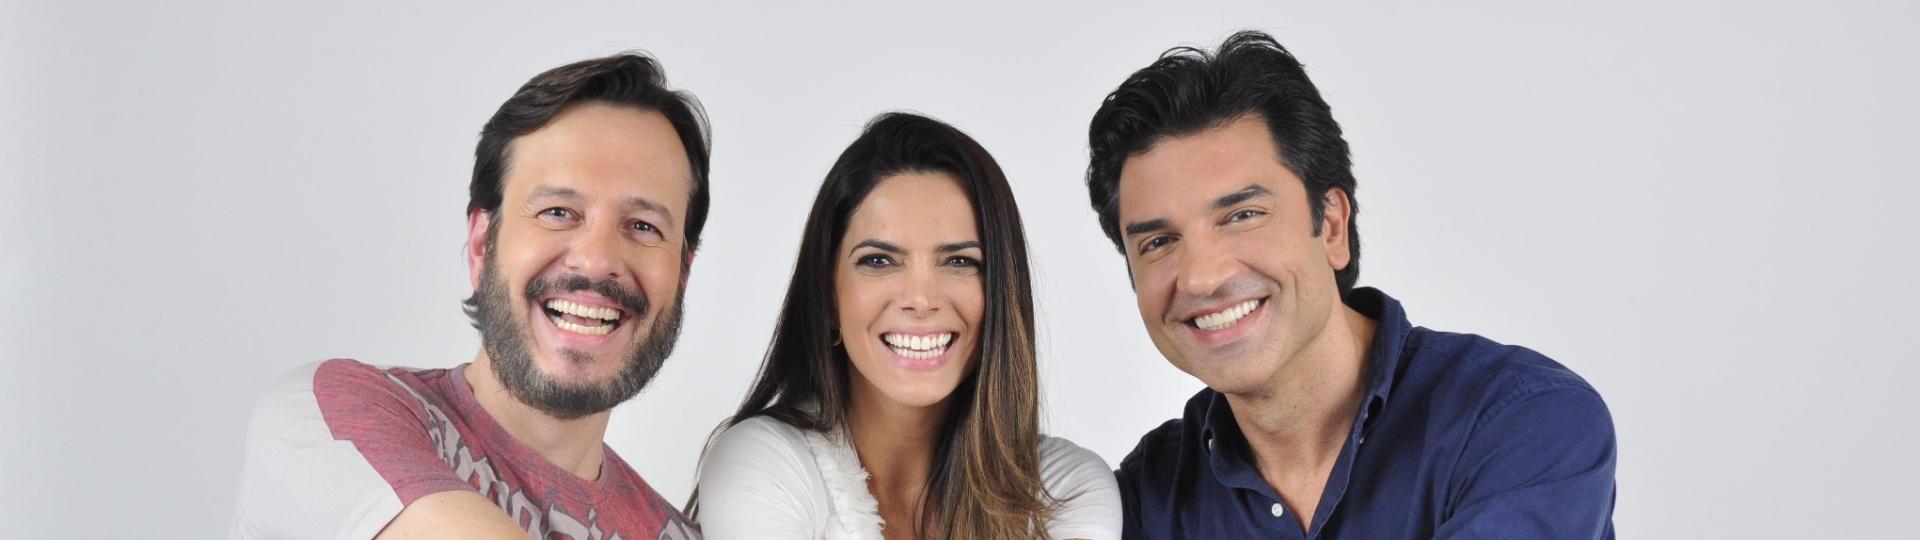 Celso Zucatelli, Mariana Leão e Edu Guedes apresentam o